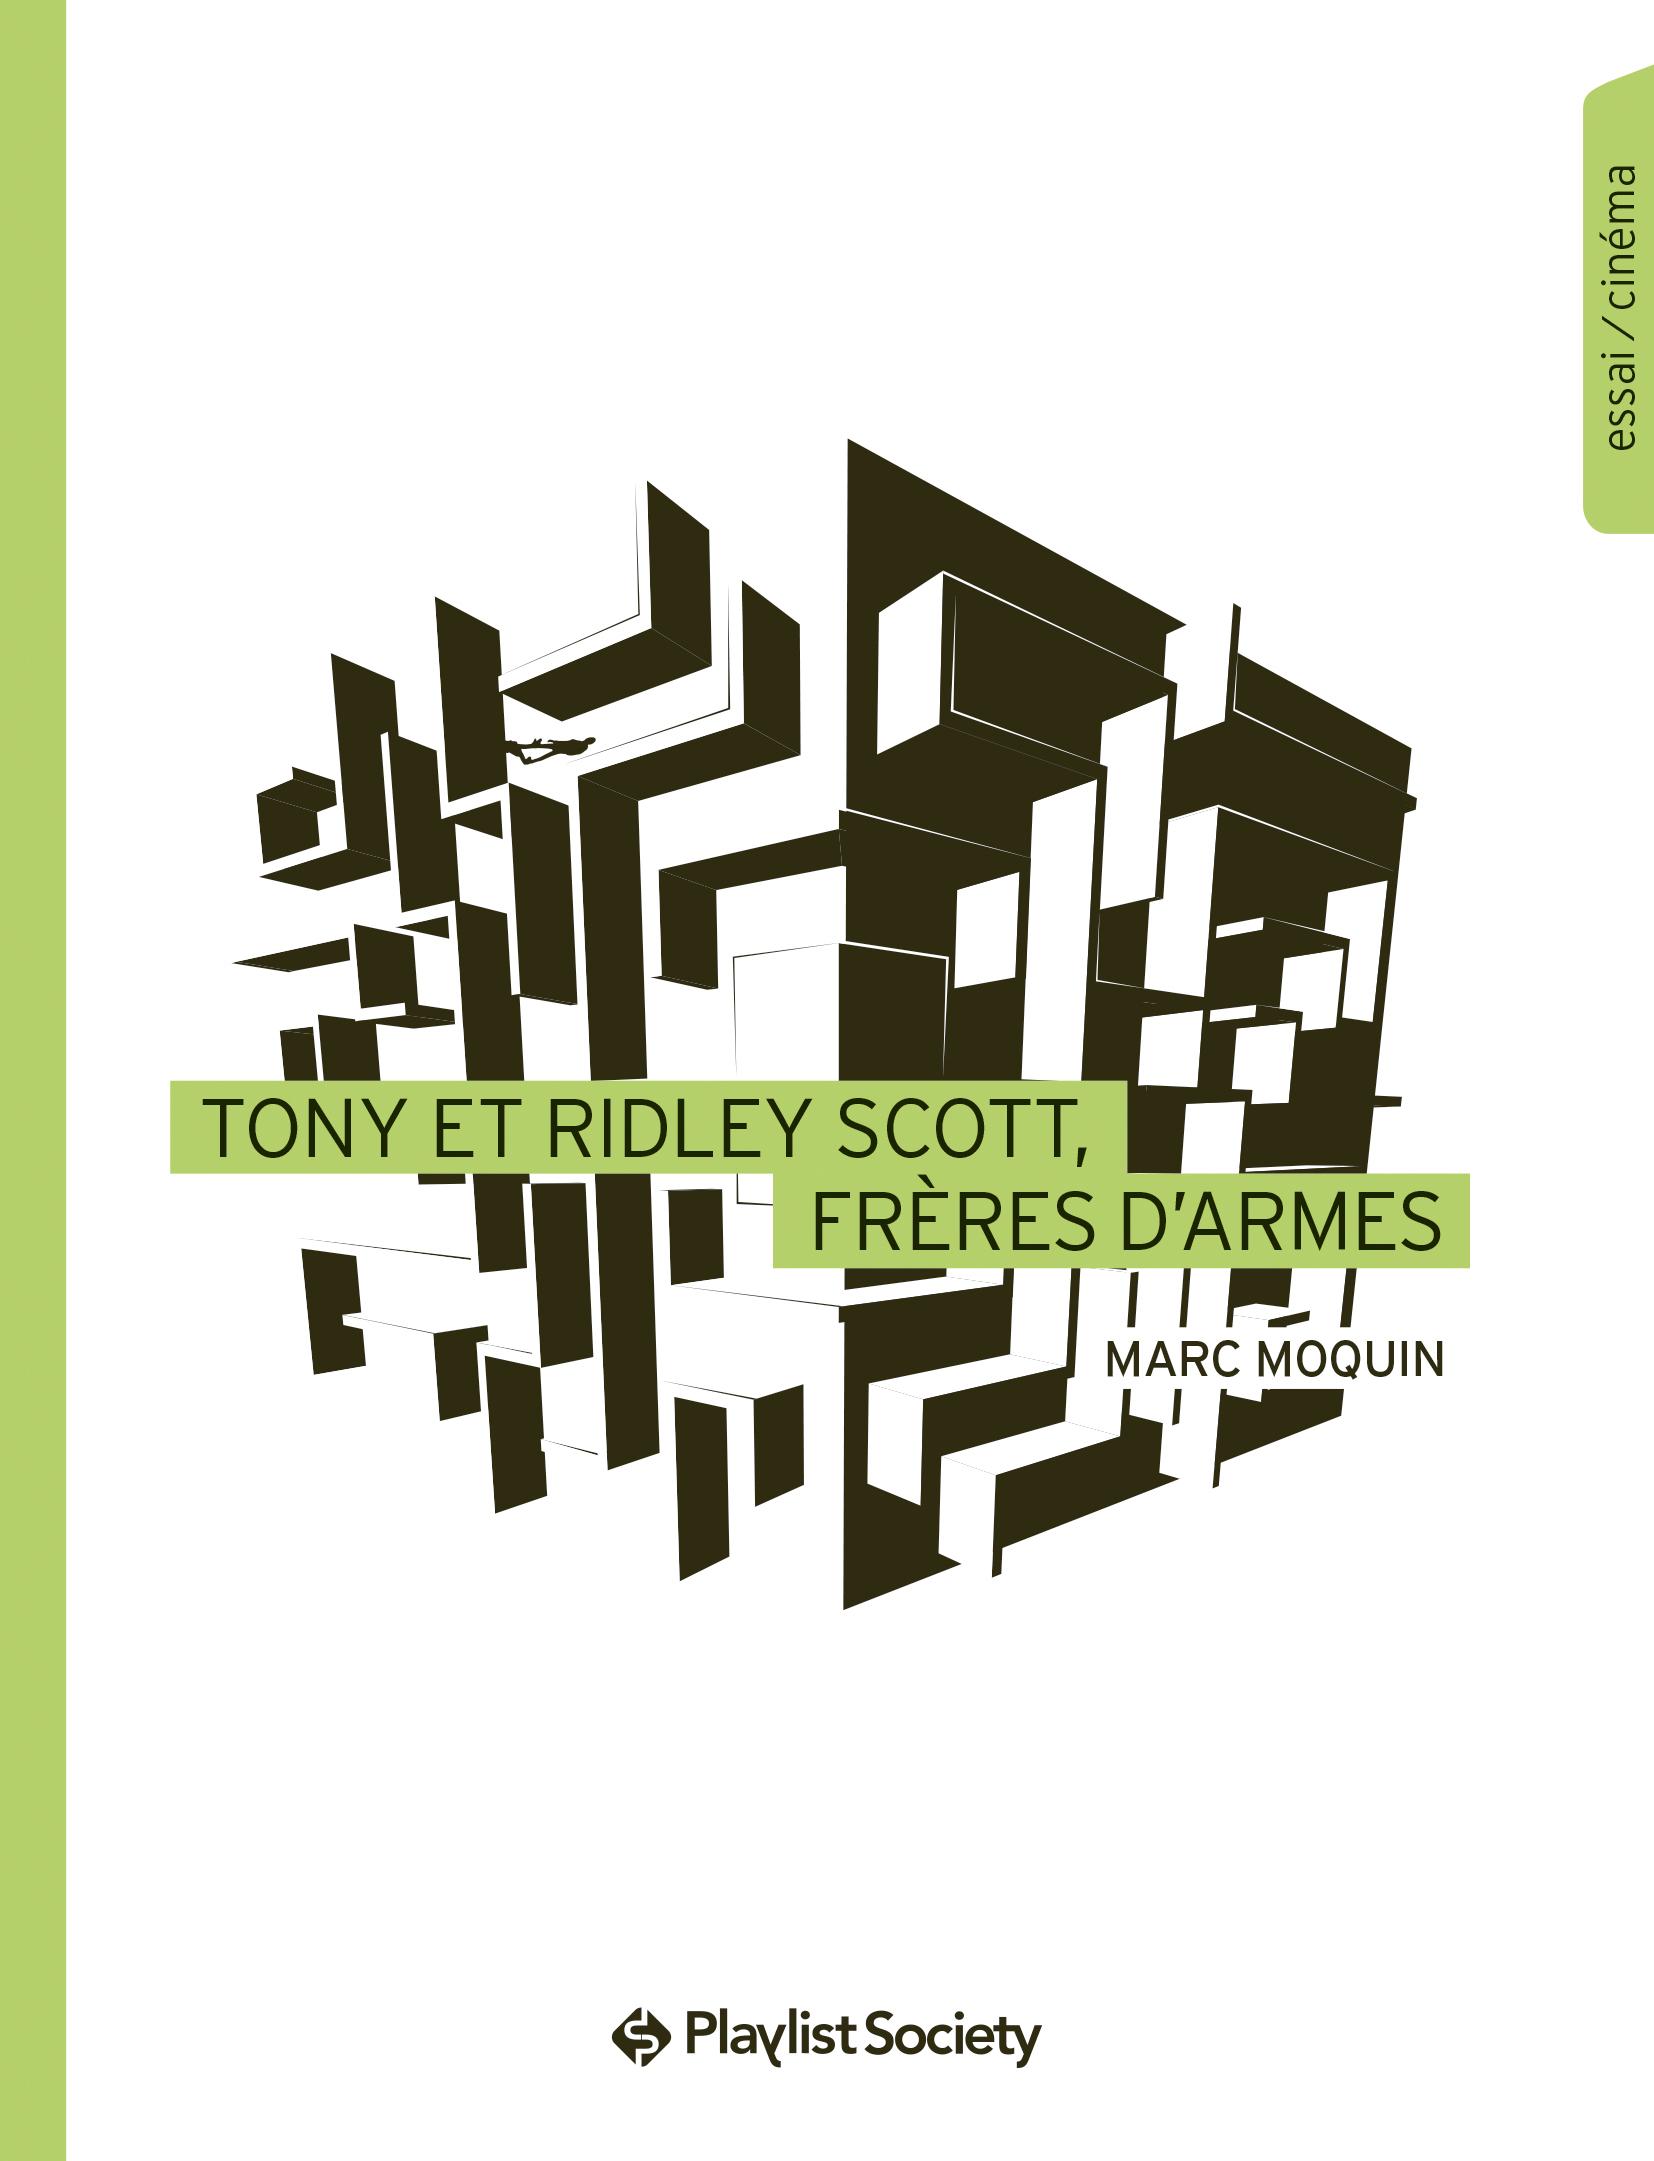 TONY ET RIDLEY SCOTT, FRERES D'ARMES